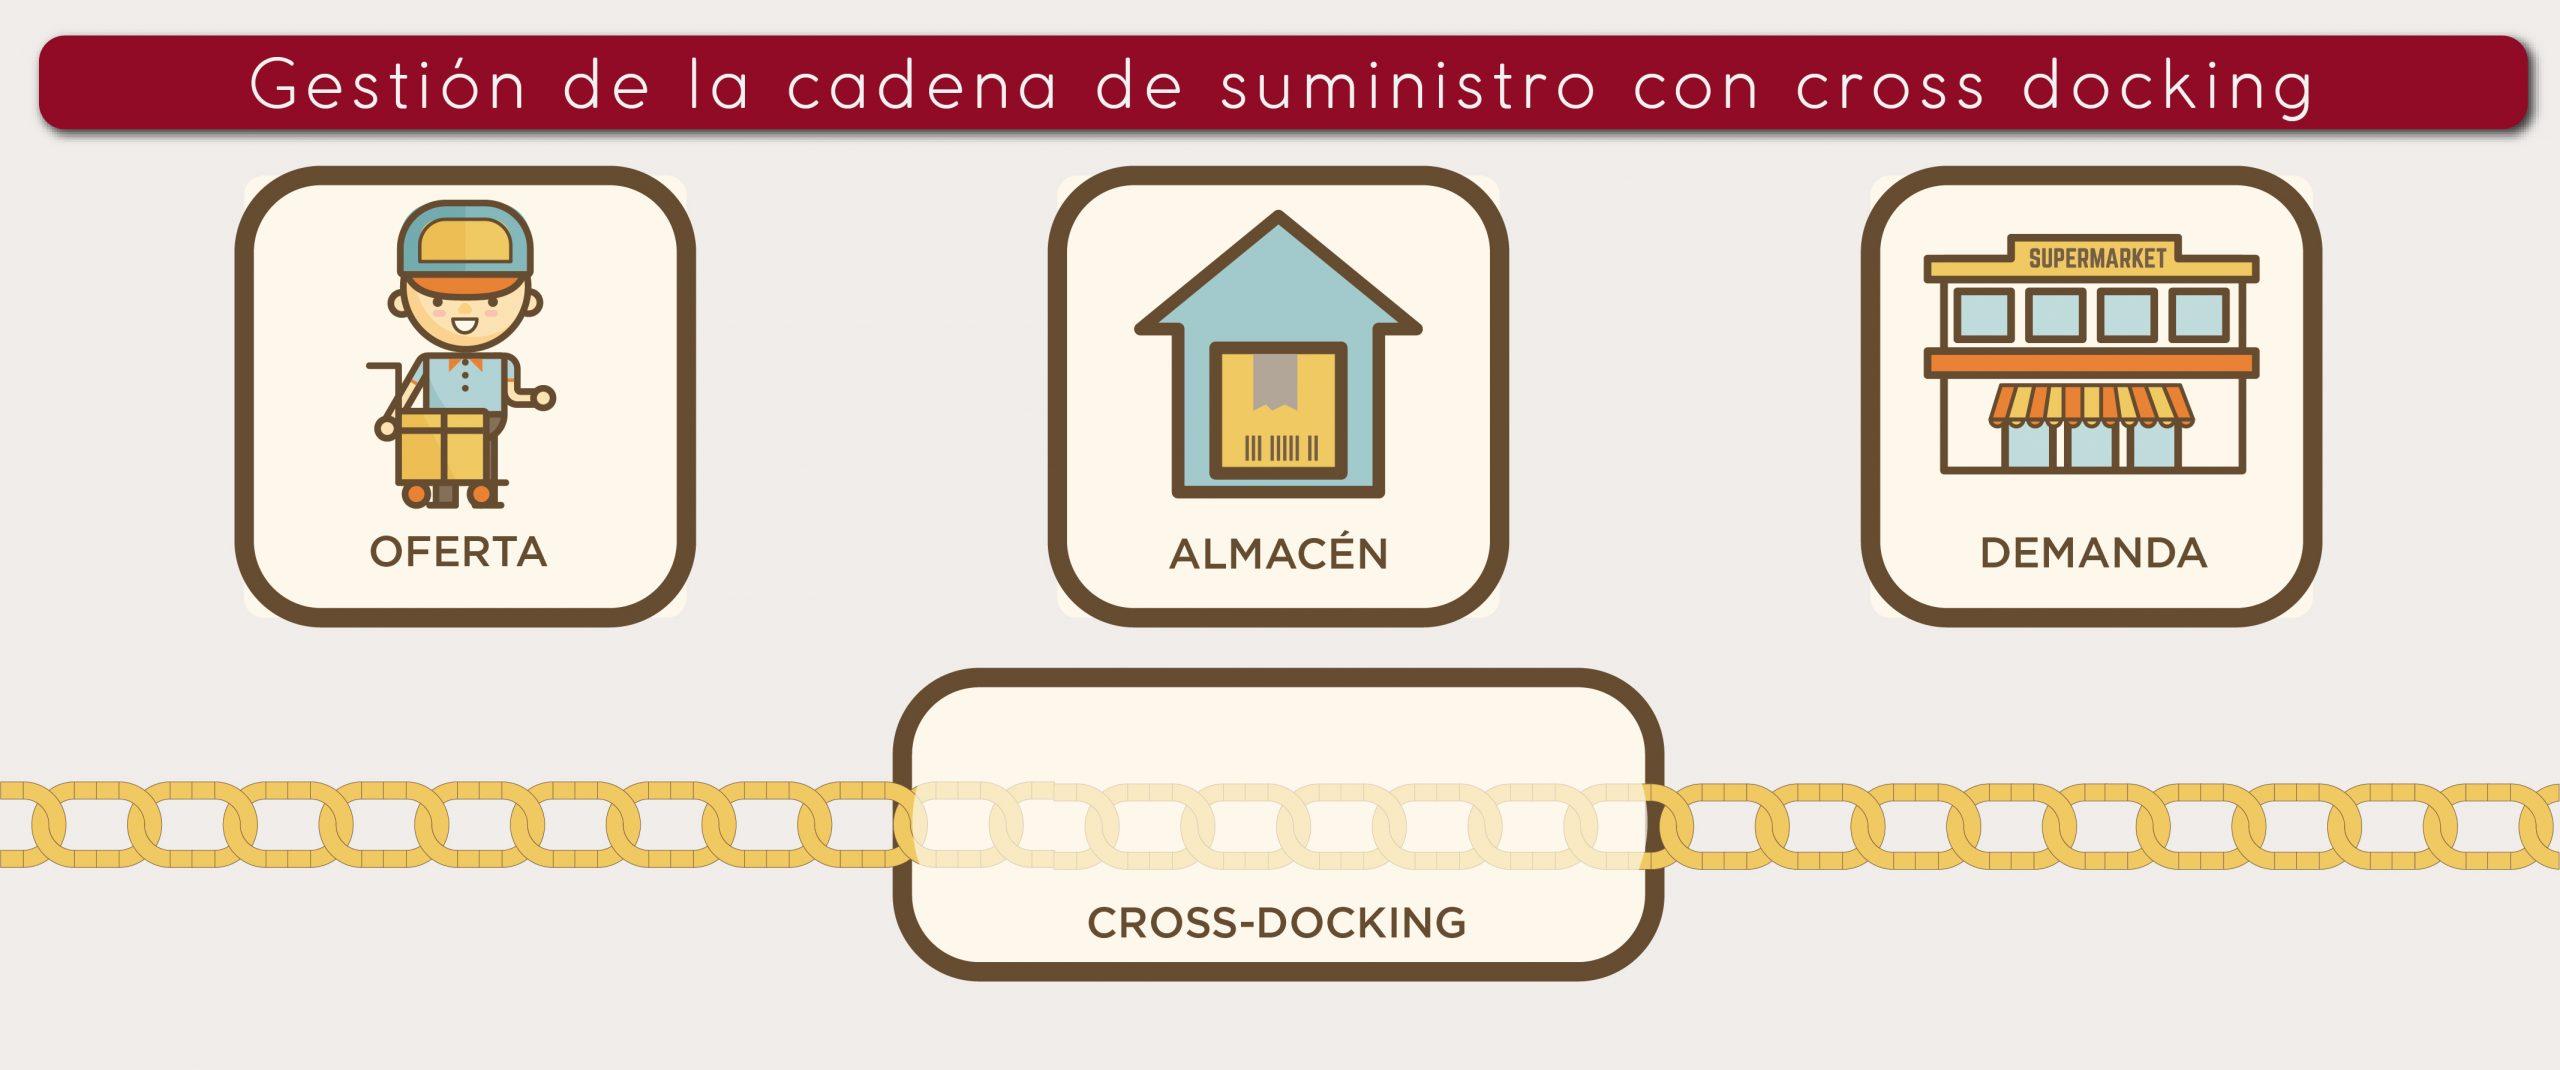 Cadena de suministro con cross docking